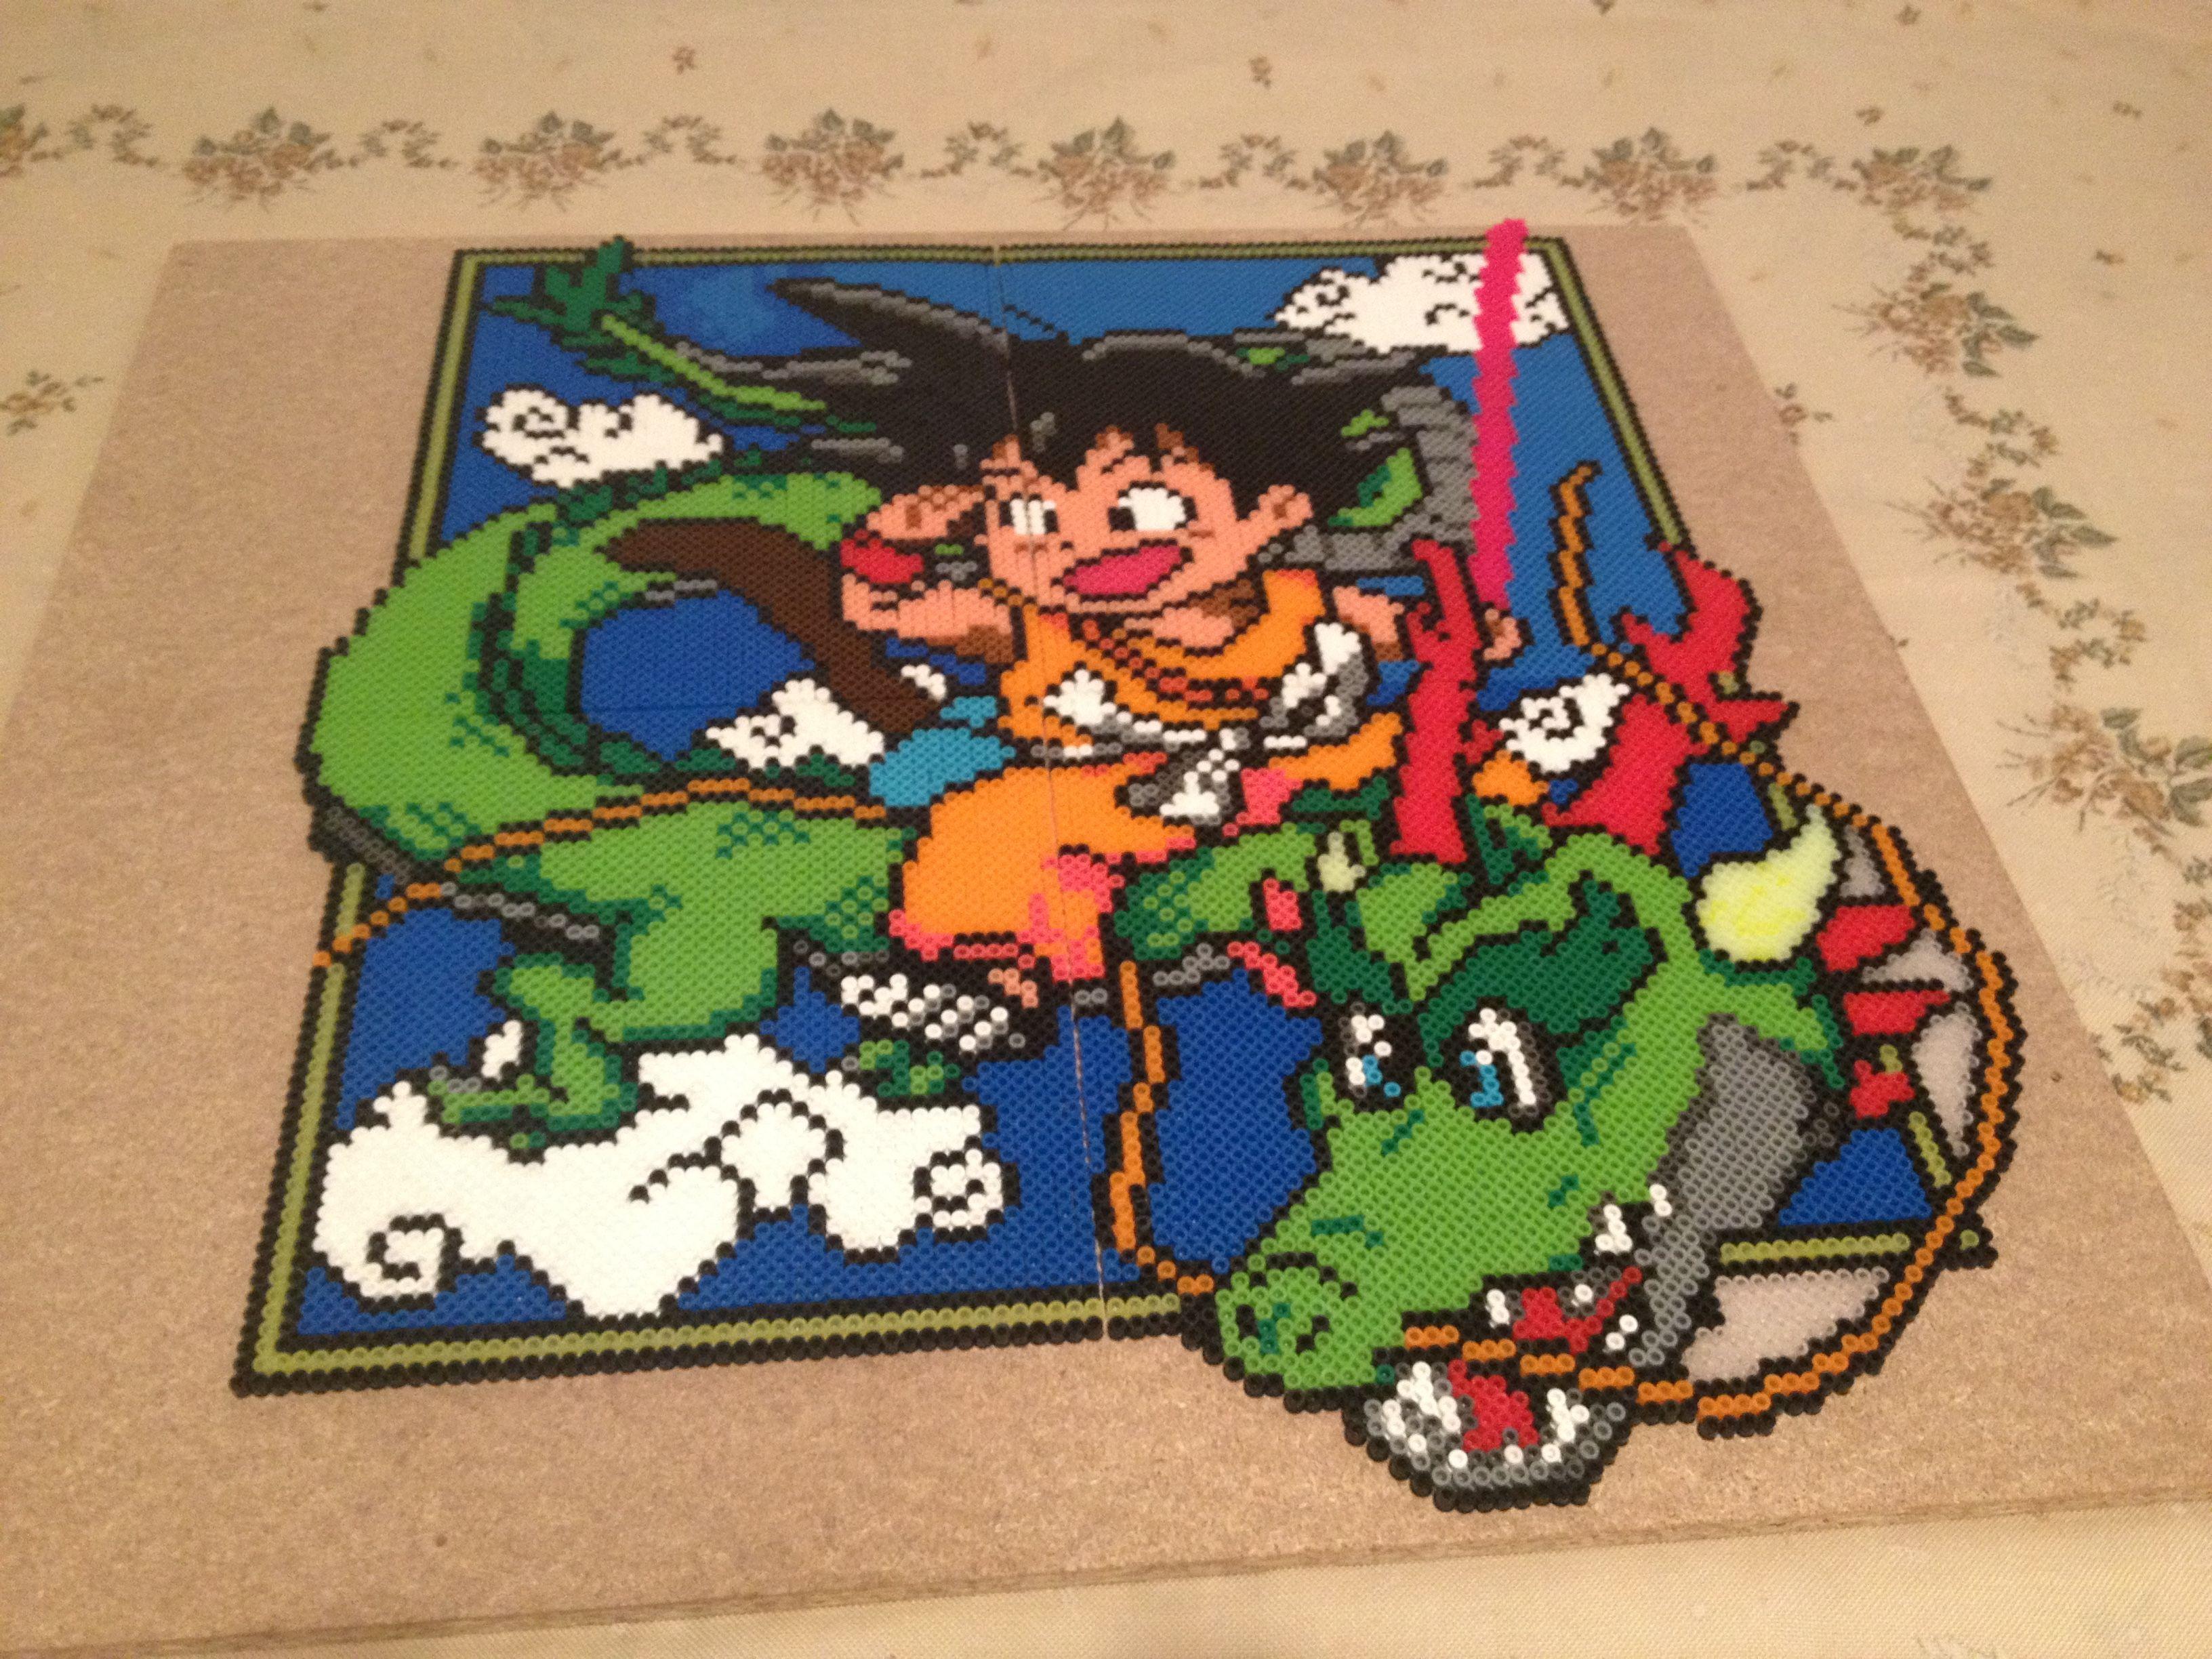 Dragon ball cuadro hama beads creaciones de hama beads - Hama beads cuadros ...